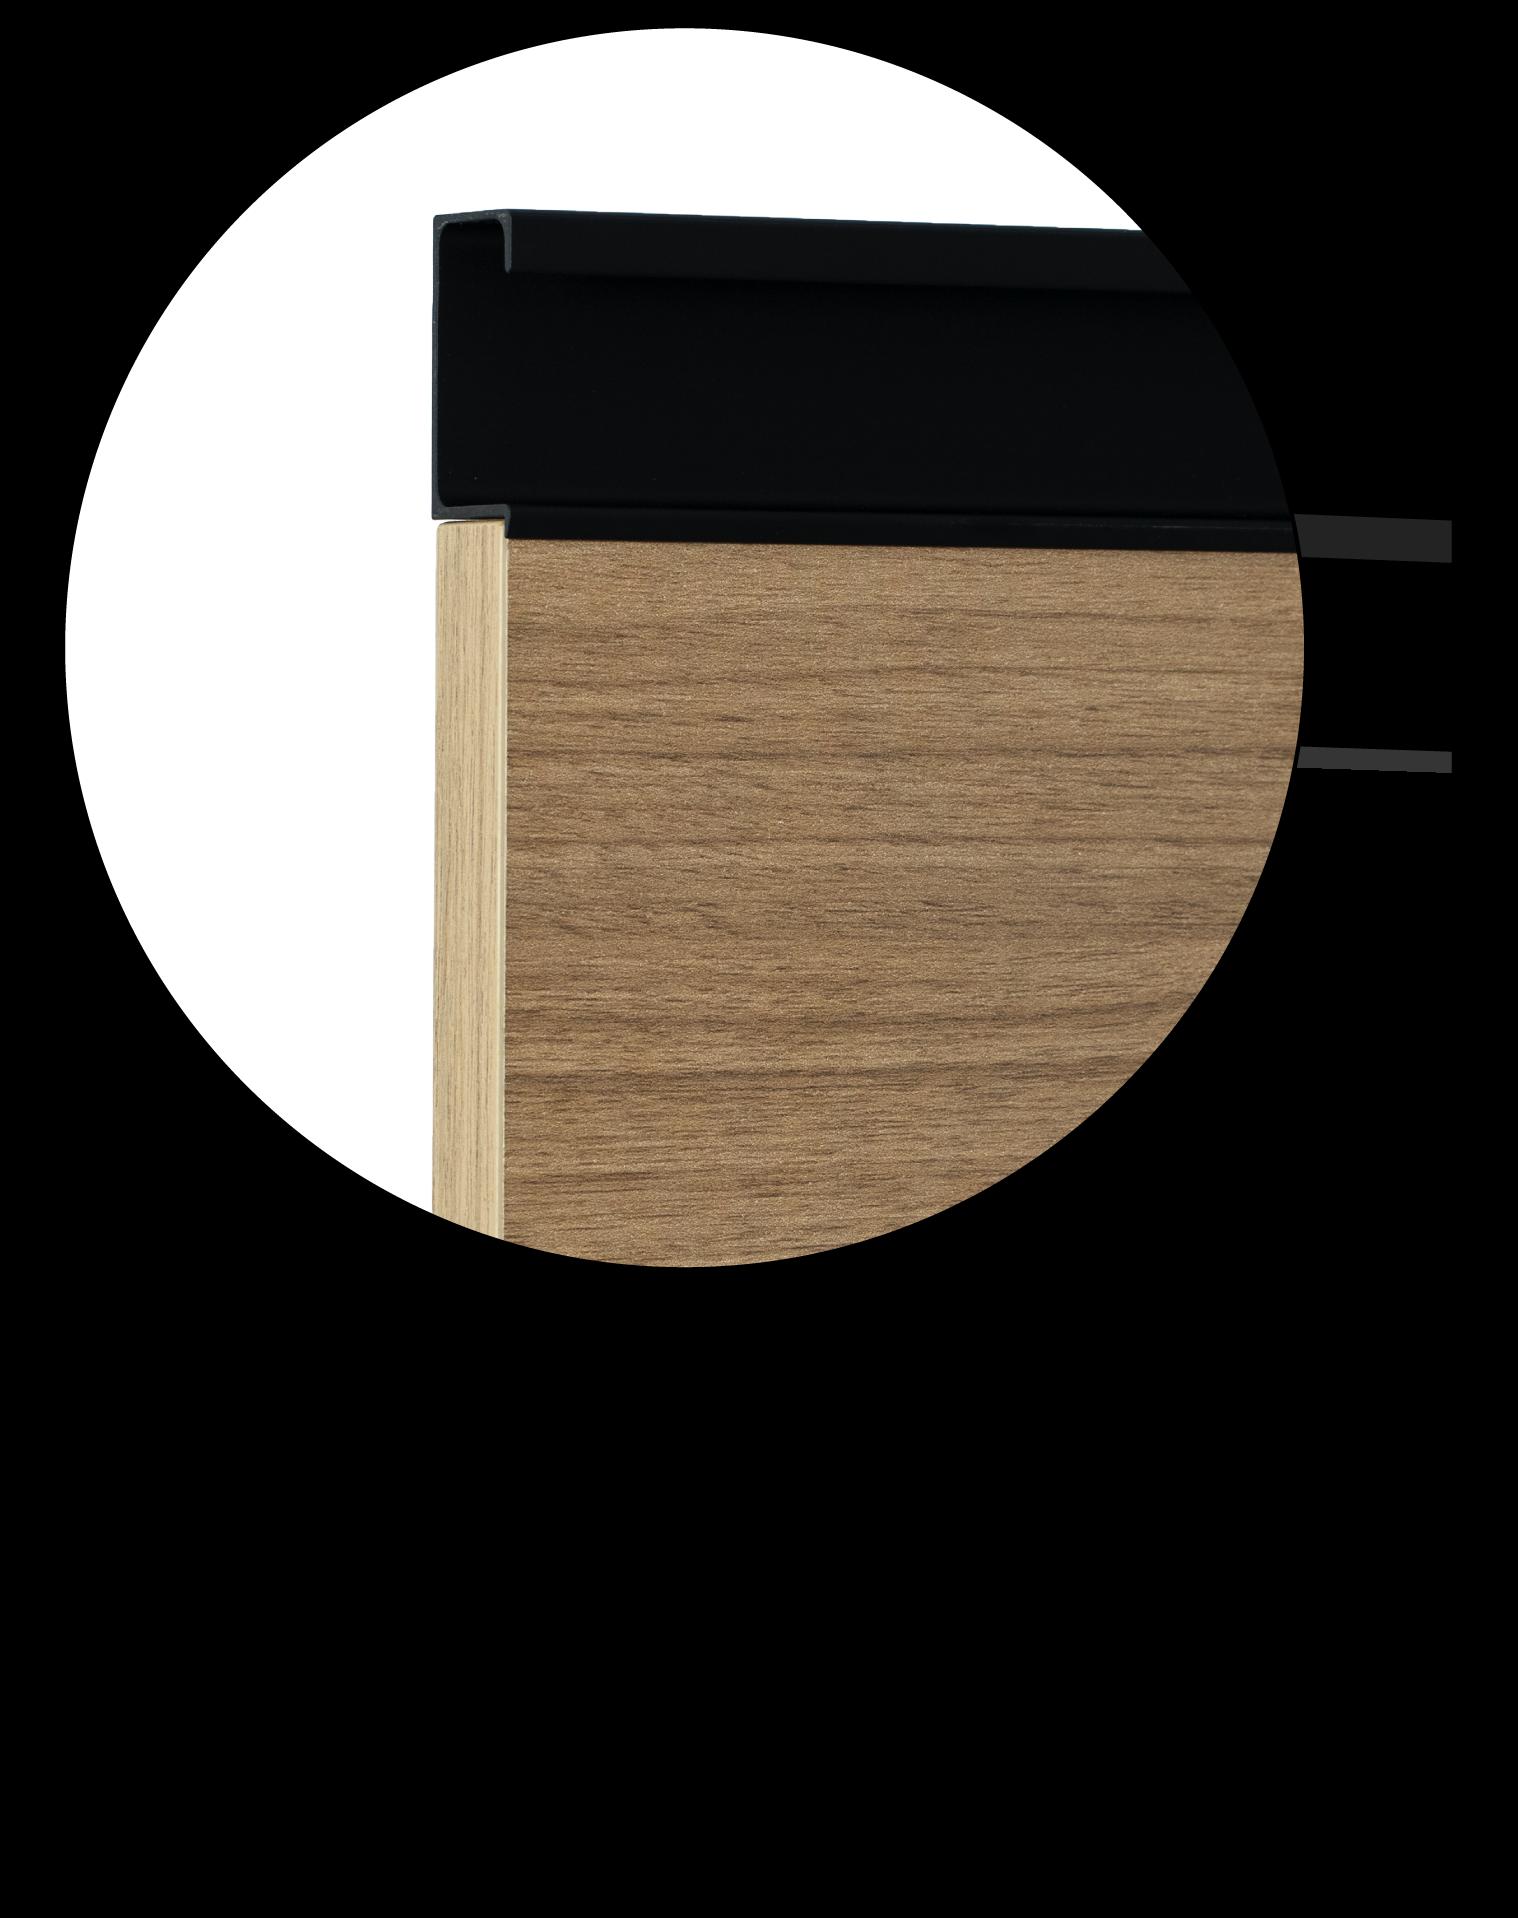 Anta maniglia integrata legno nobilitato